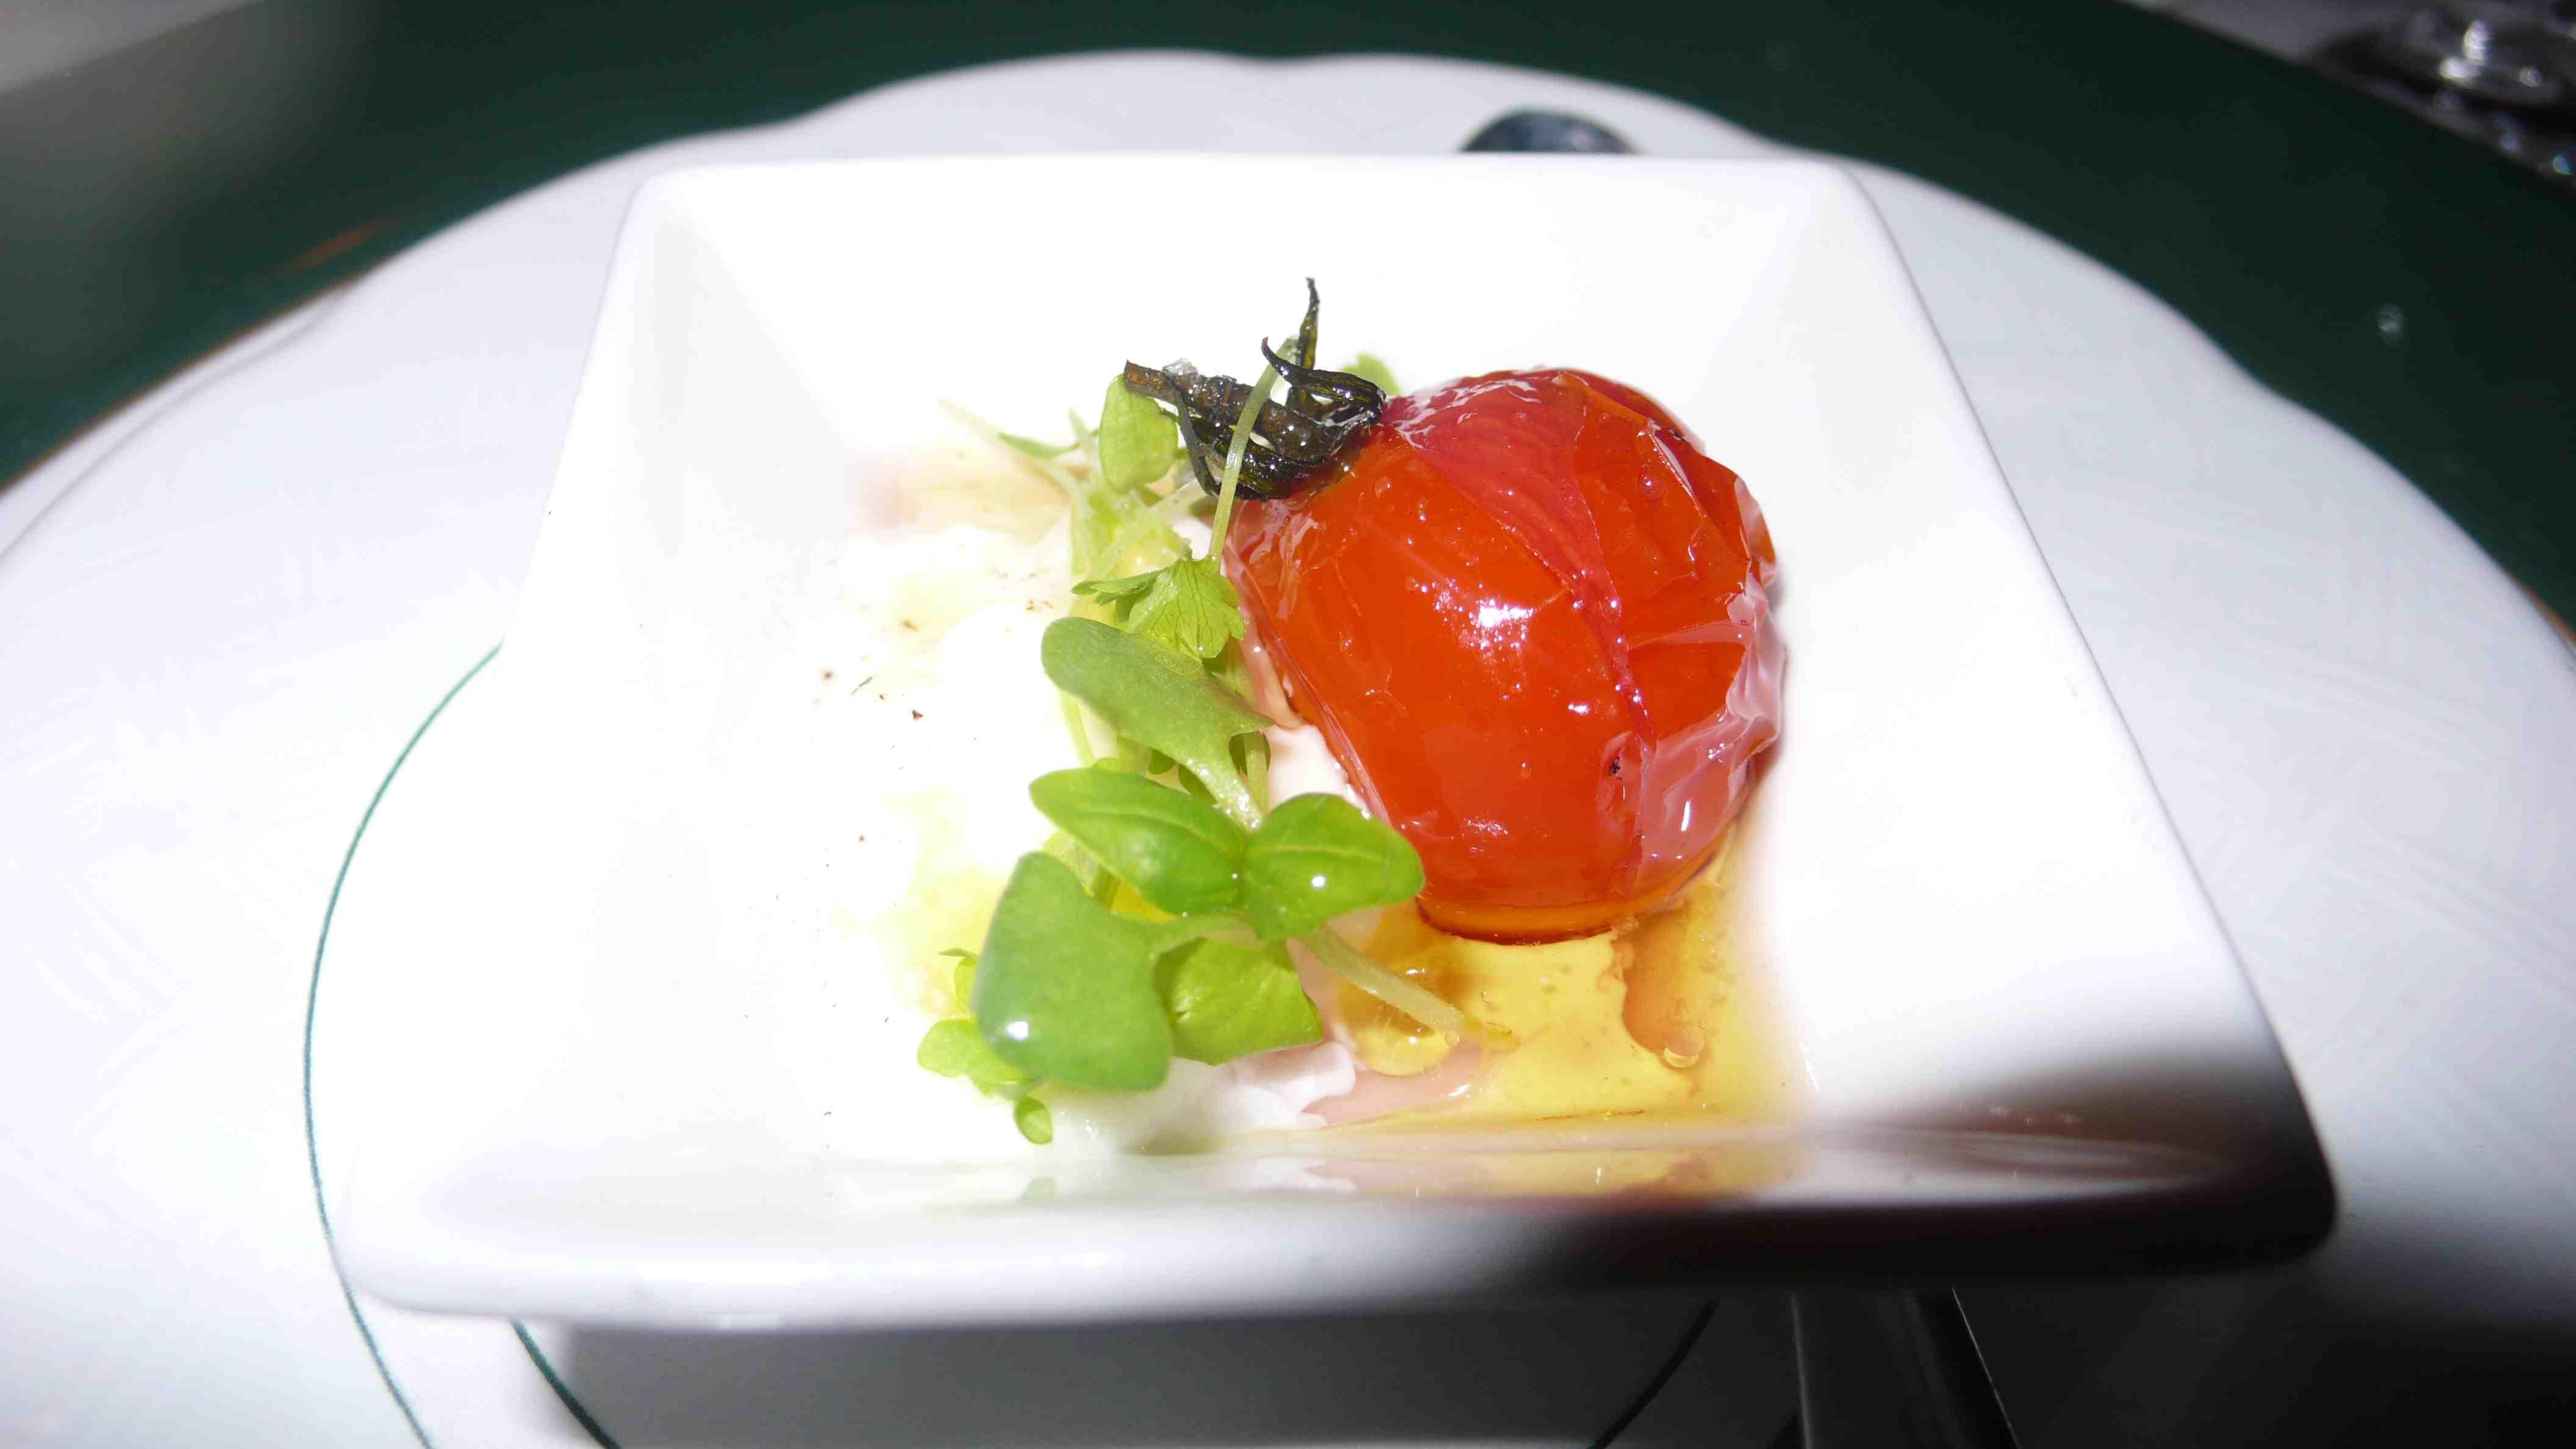 tomato mozzerlla amuse